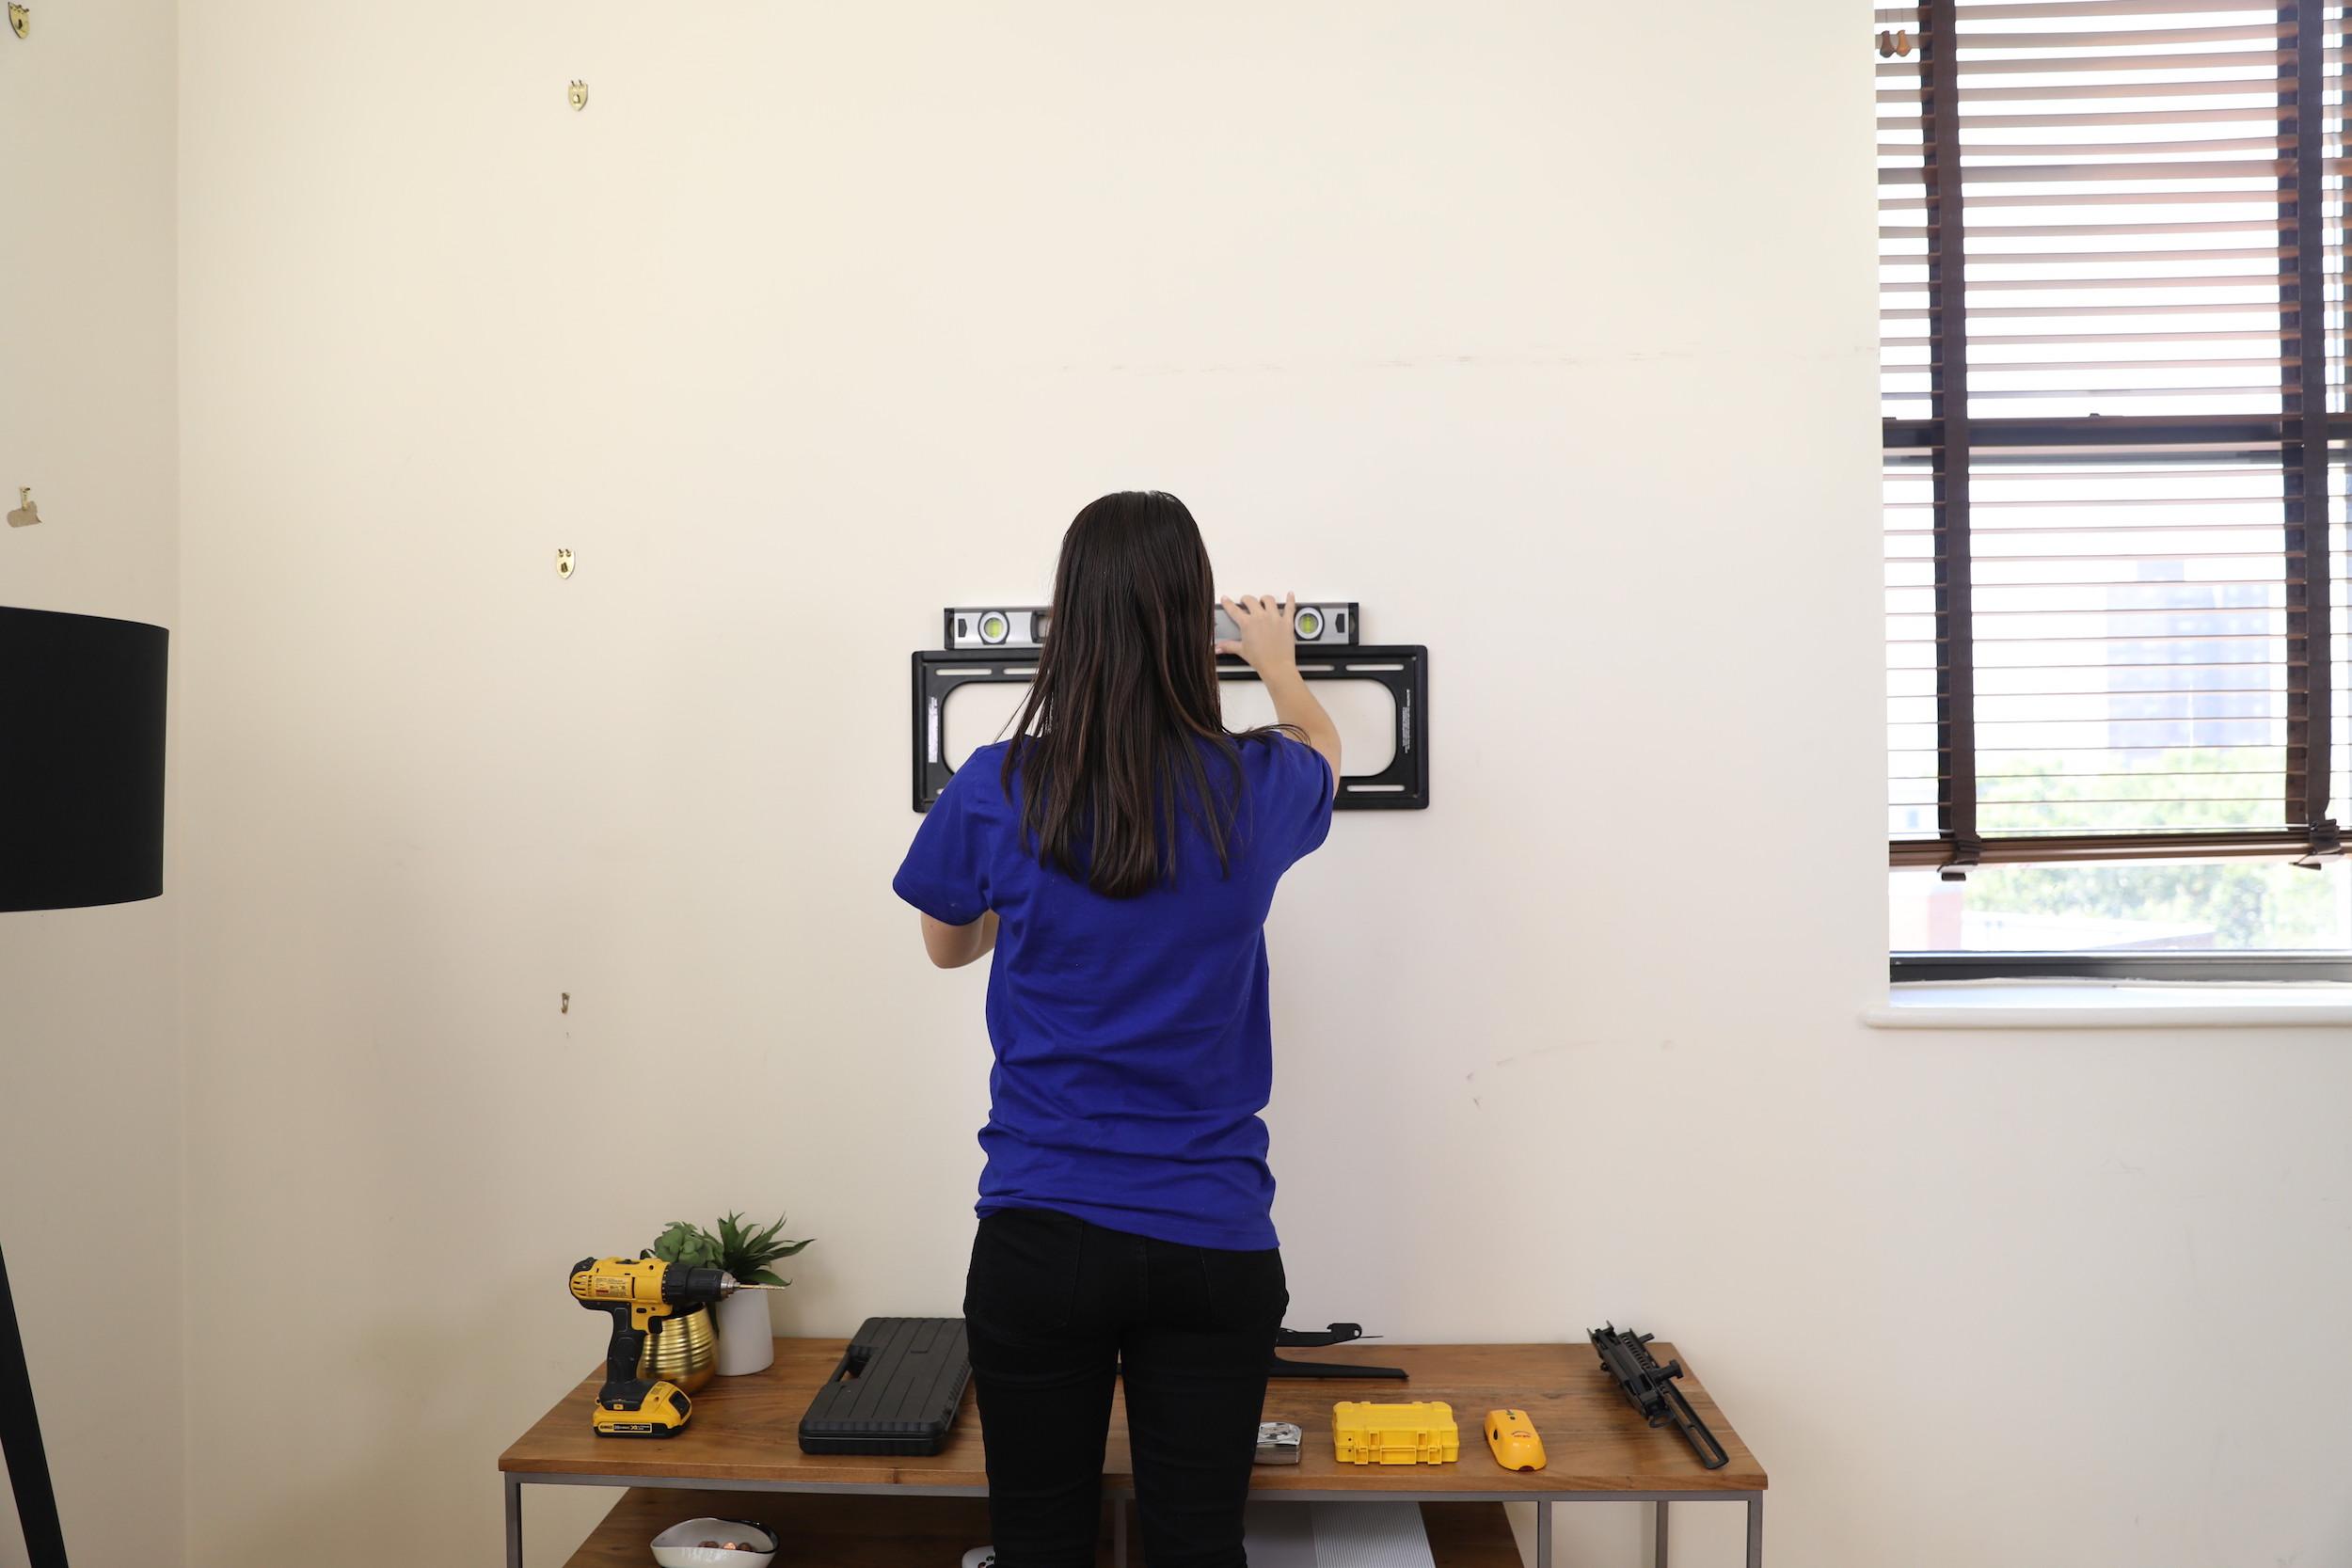 girl hanging tv mount on wall